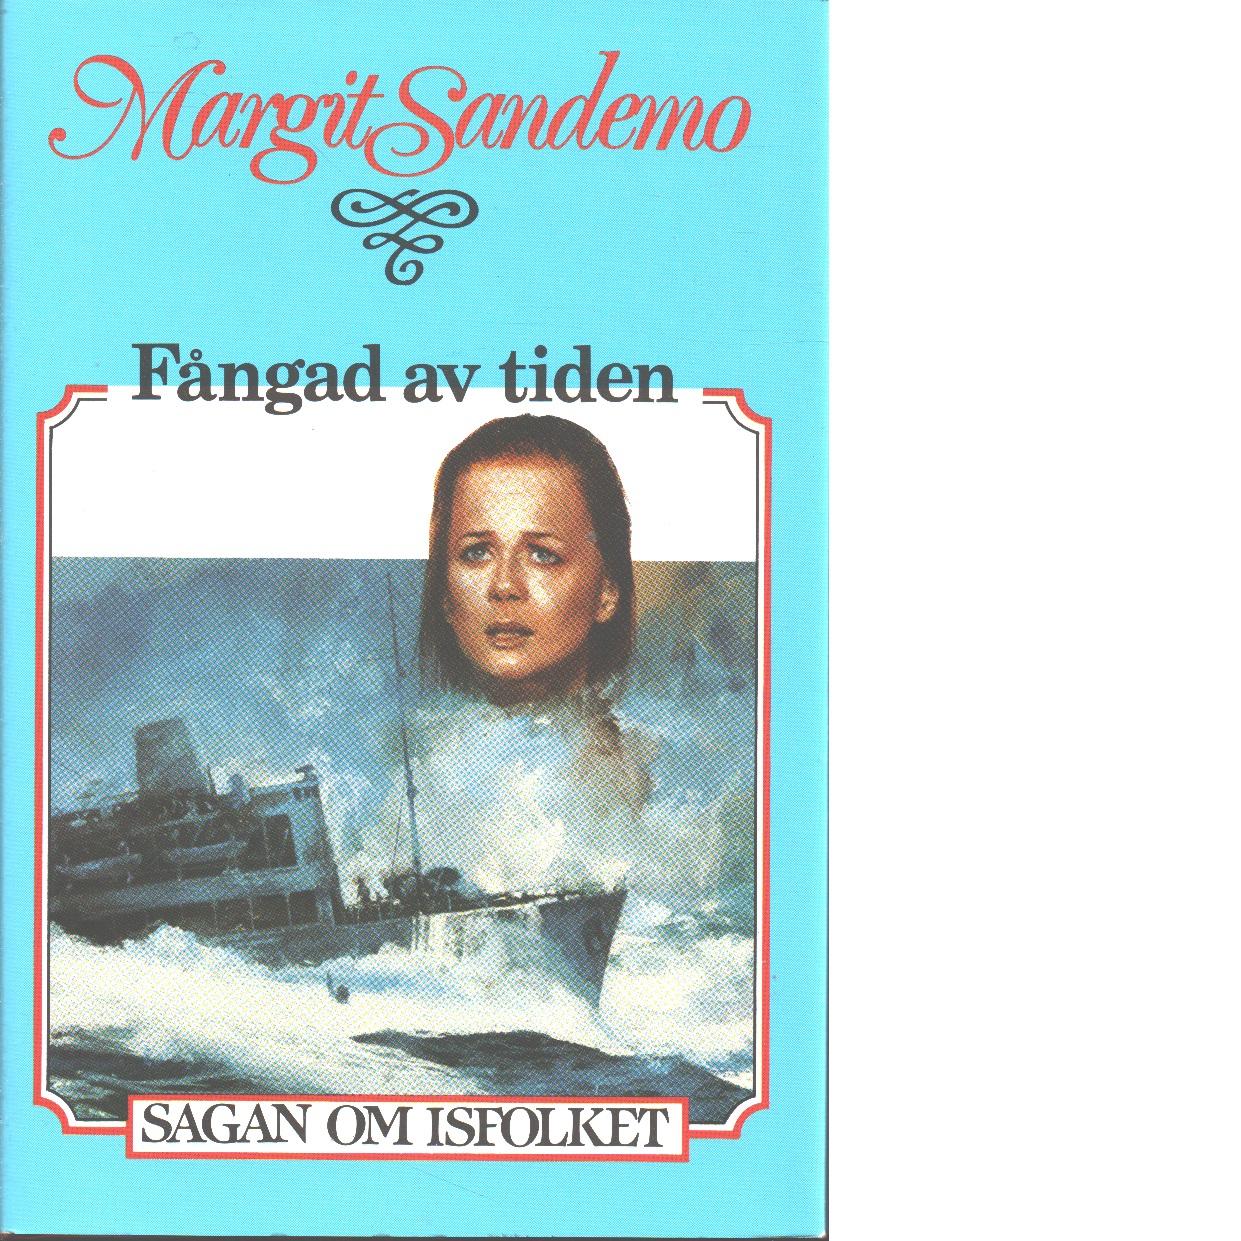 Fångad av tiden : Sagan om Isfolket nr. 40 - Sandemo, Margit